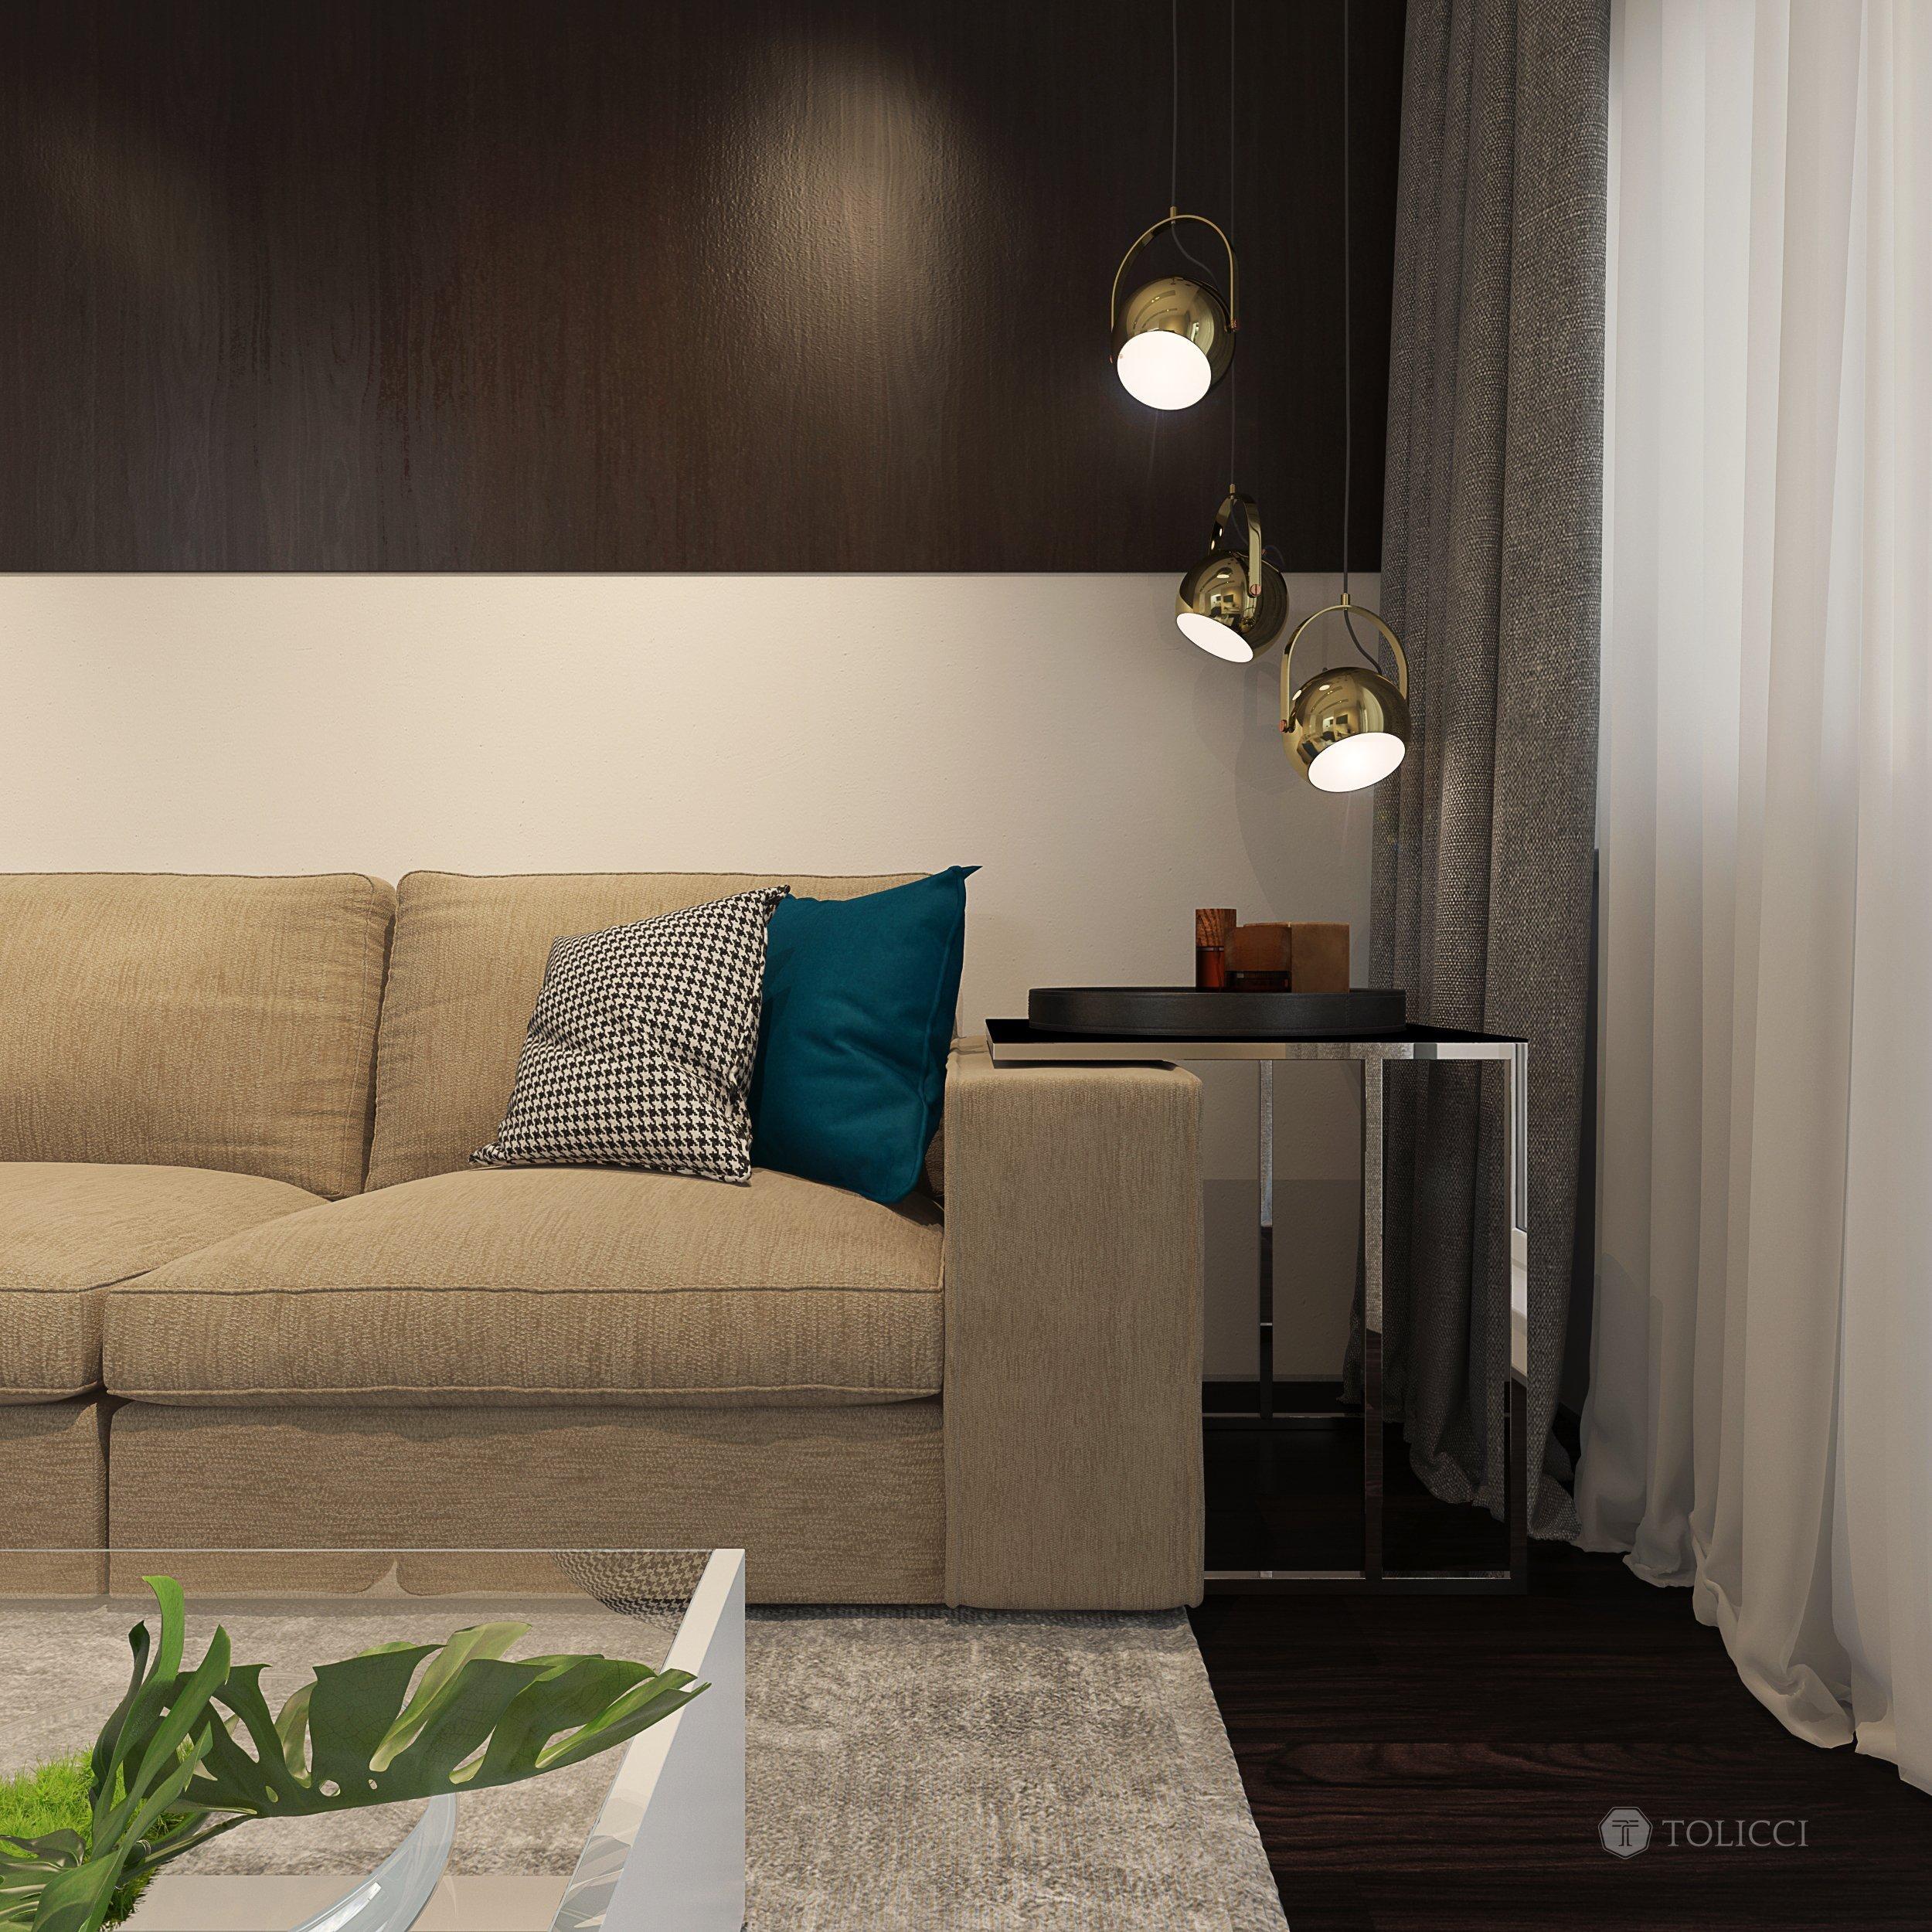 Návrh interiéru malého apartmánového bytu sa nesie v hlavnej požiadavke funkčného rozmiestnenia jednotlivých miestností bytu. Výnimočnosť sme dodali silnými…